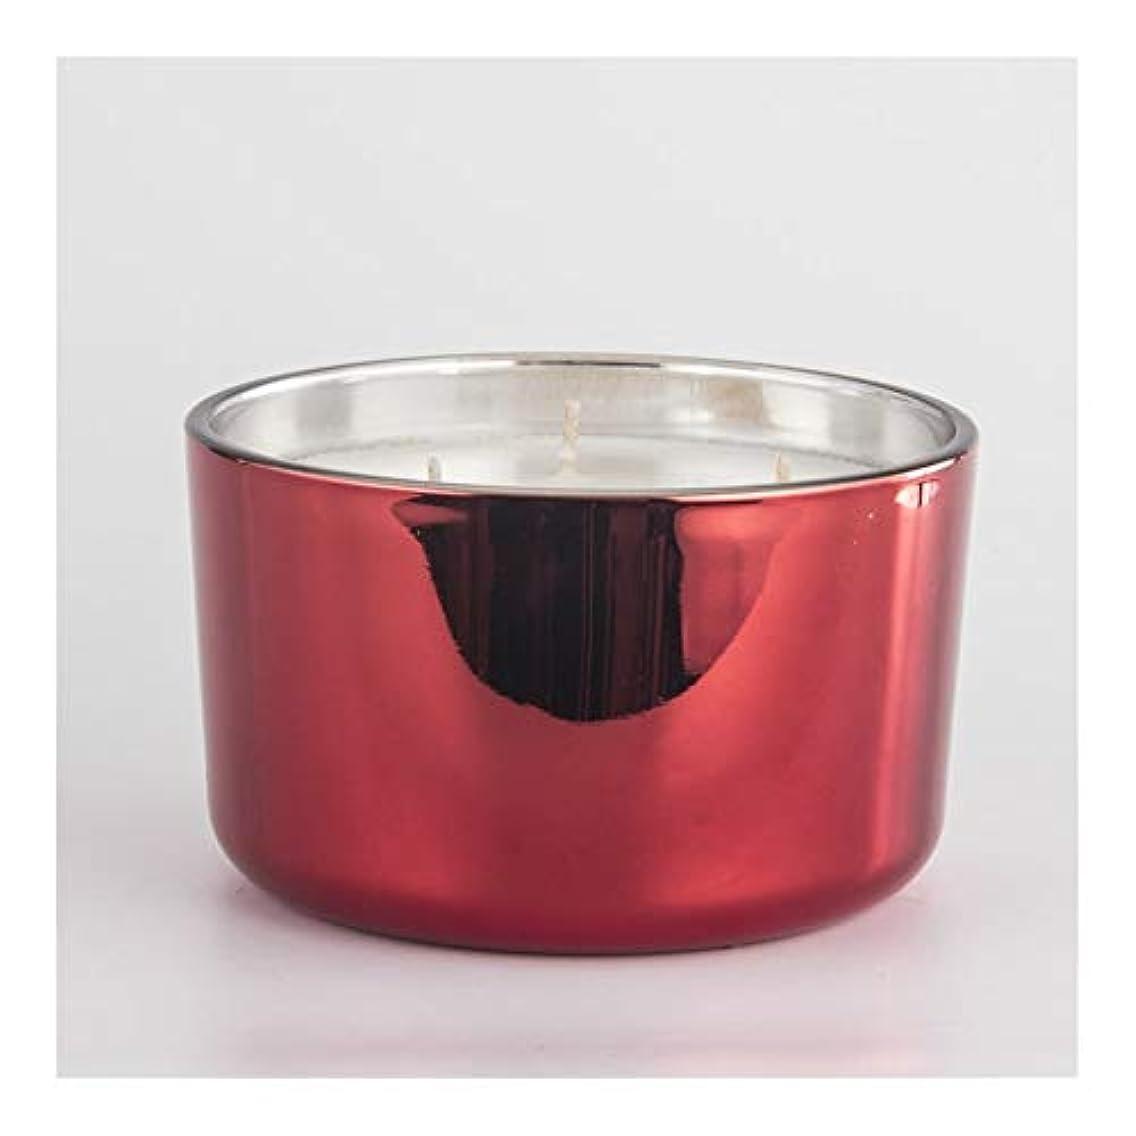 不正直屋内で大聖堂Ztian キャンドルカップ香料入りキャンドル鉢植えワックスカップキャンドルカップ電着赤3芯カップガラスカップワックス